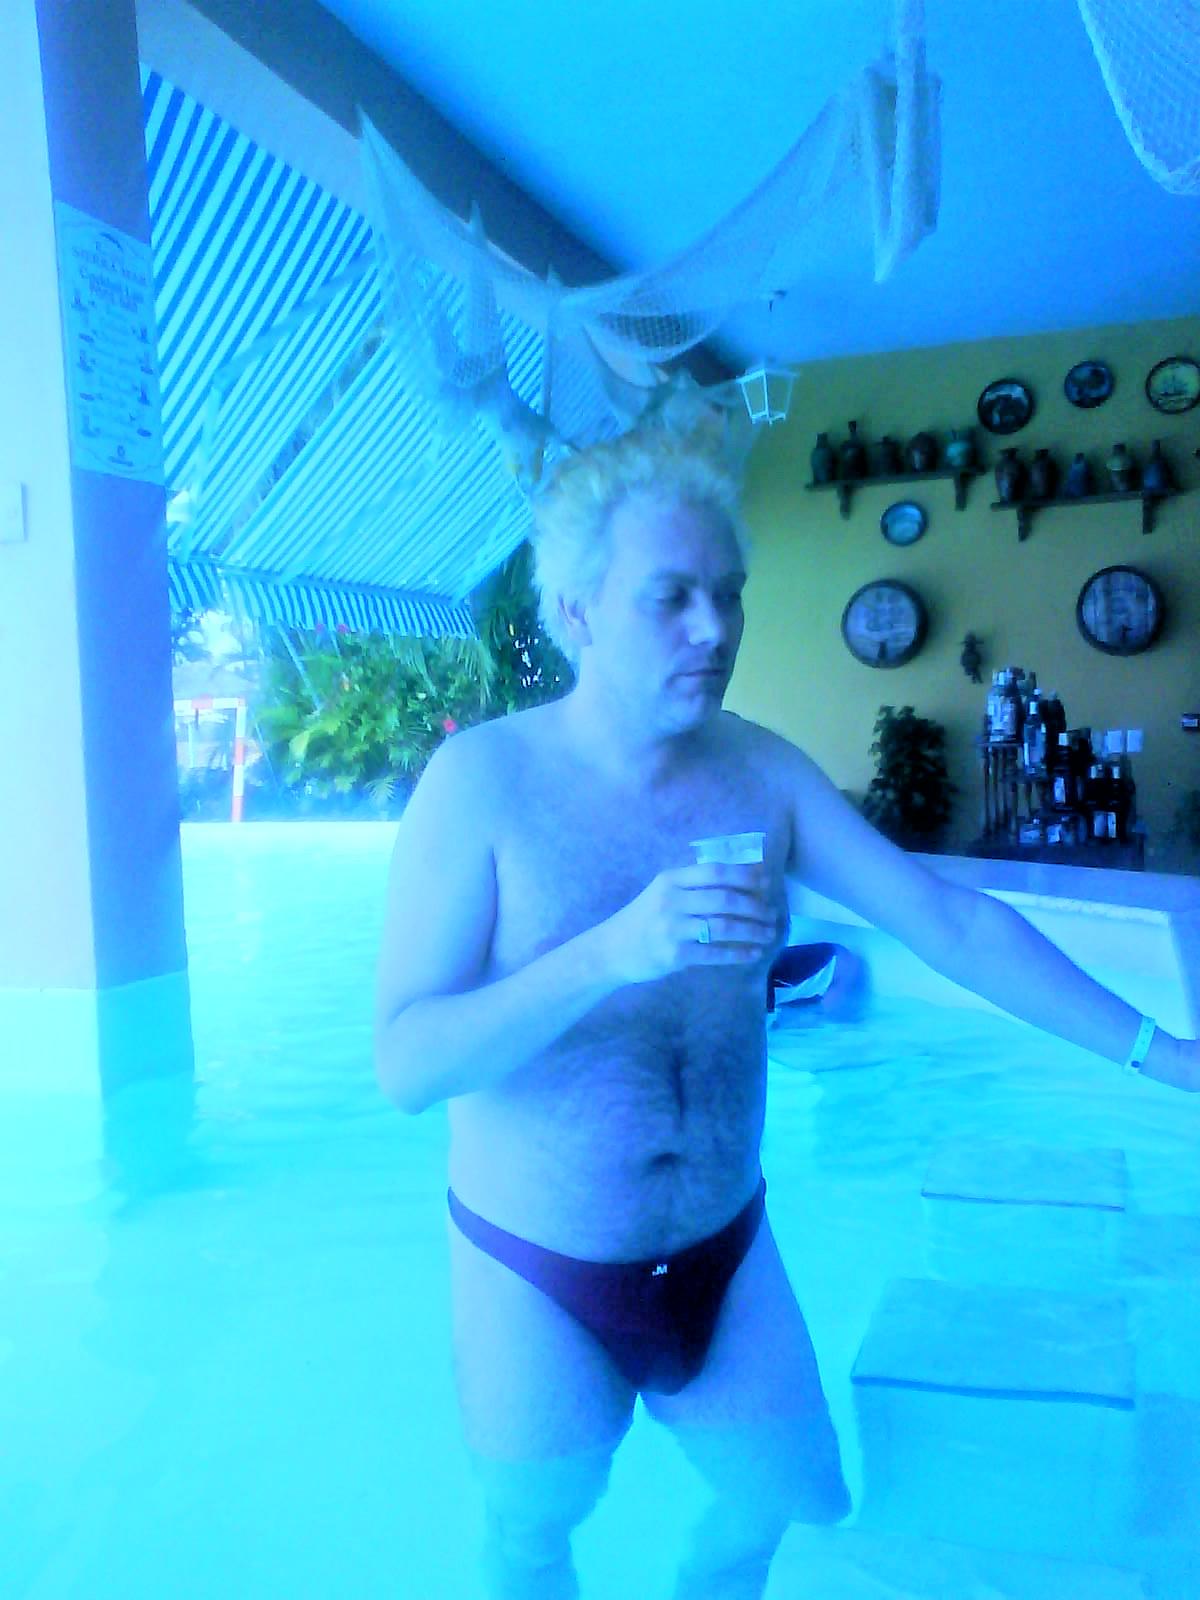 Actorul porno spune ca a facut in fiecare zi cu alta femeie cat timp si-a petrecut sejurul in Cuba